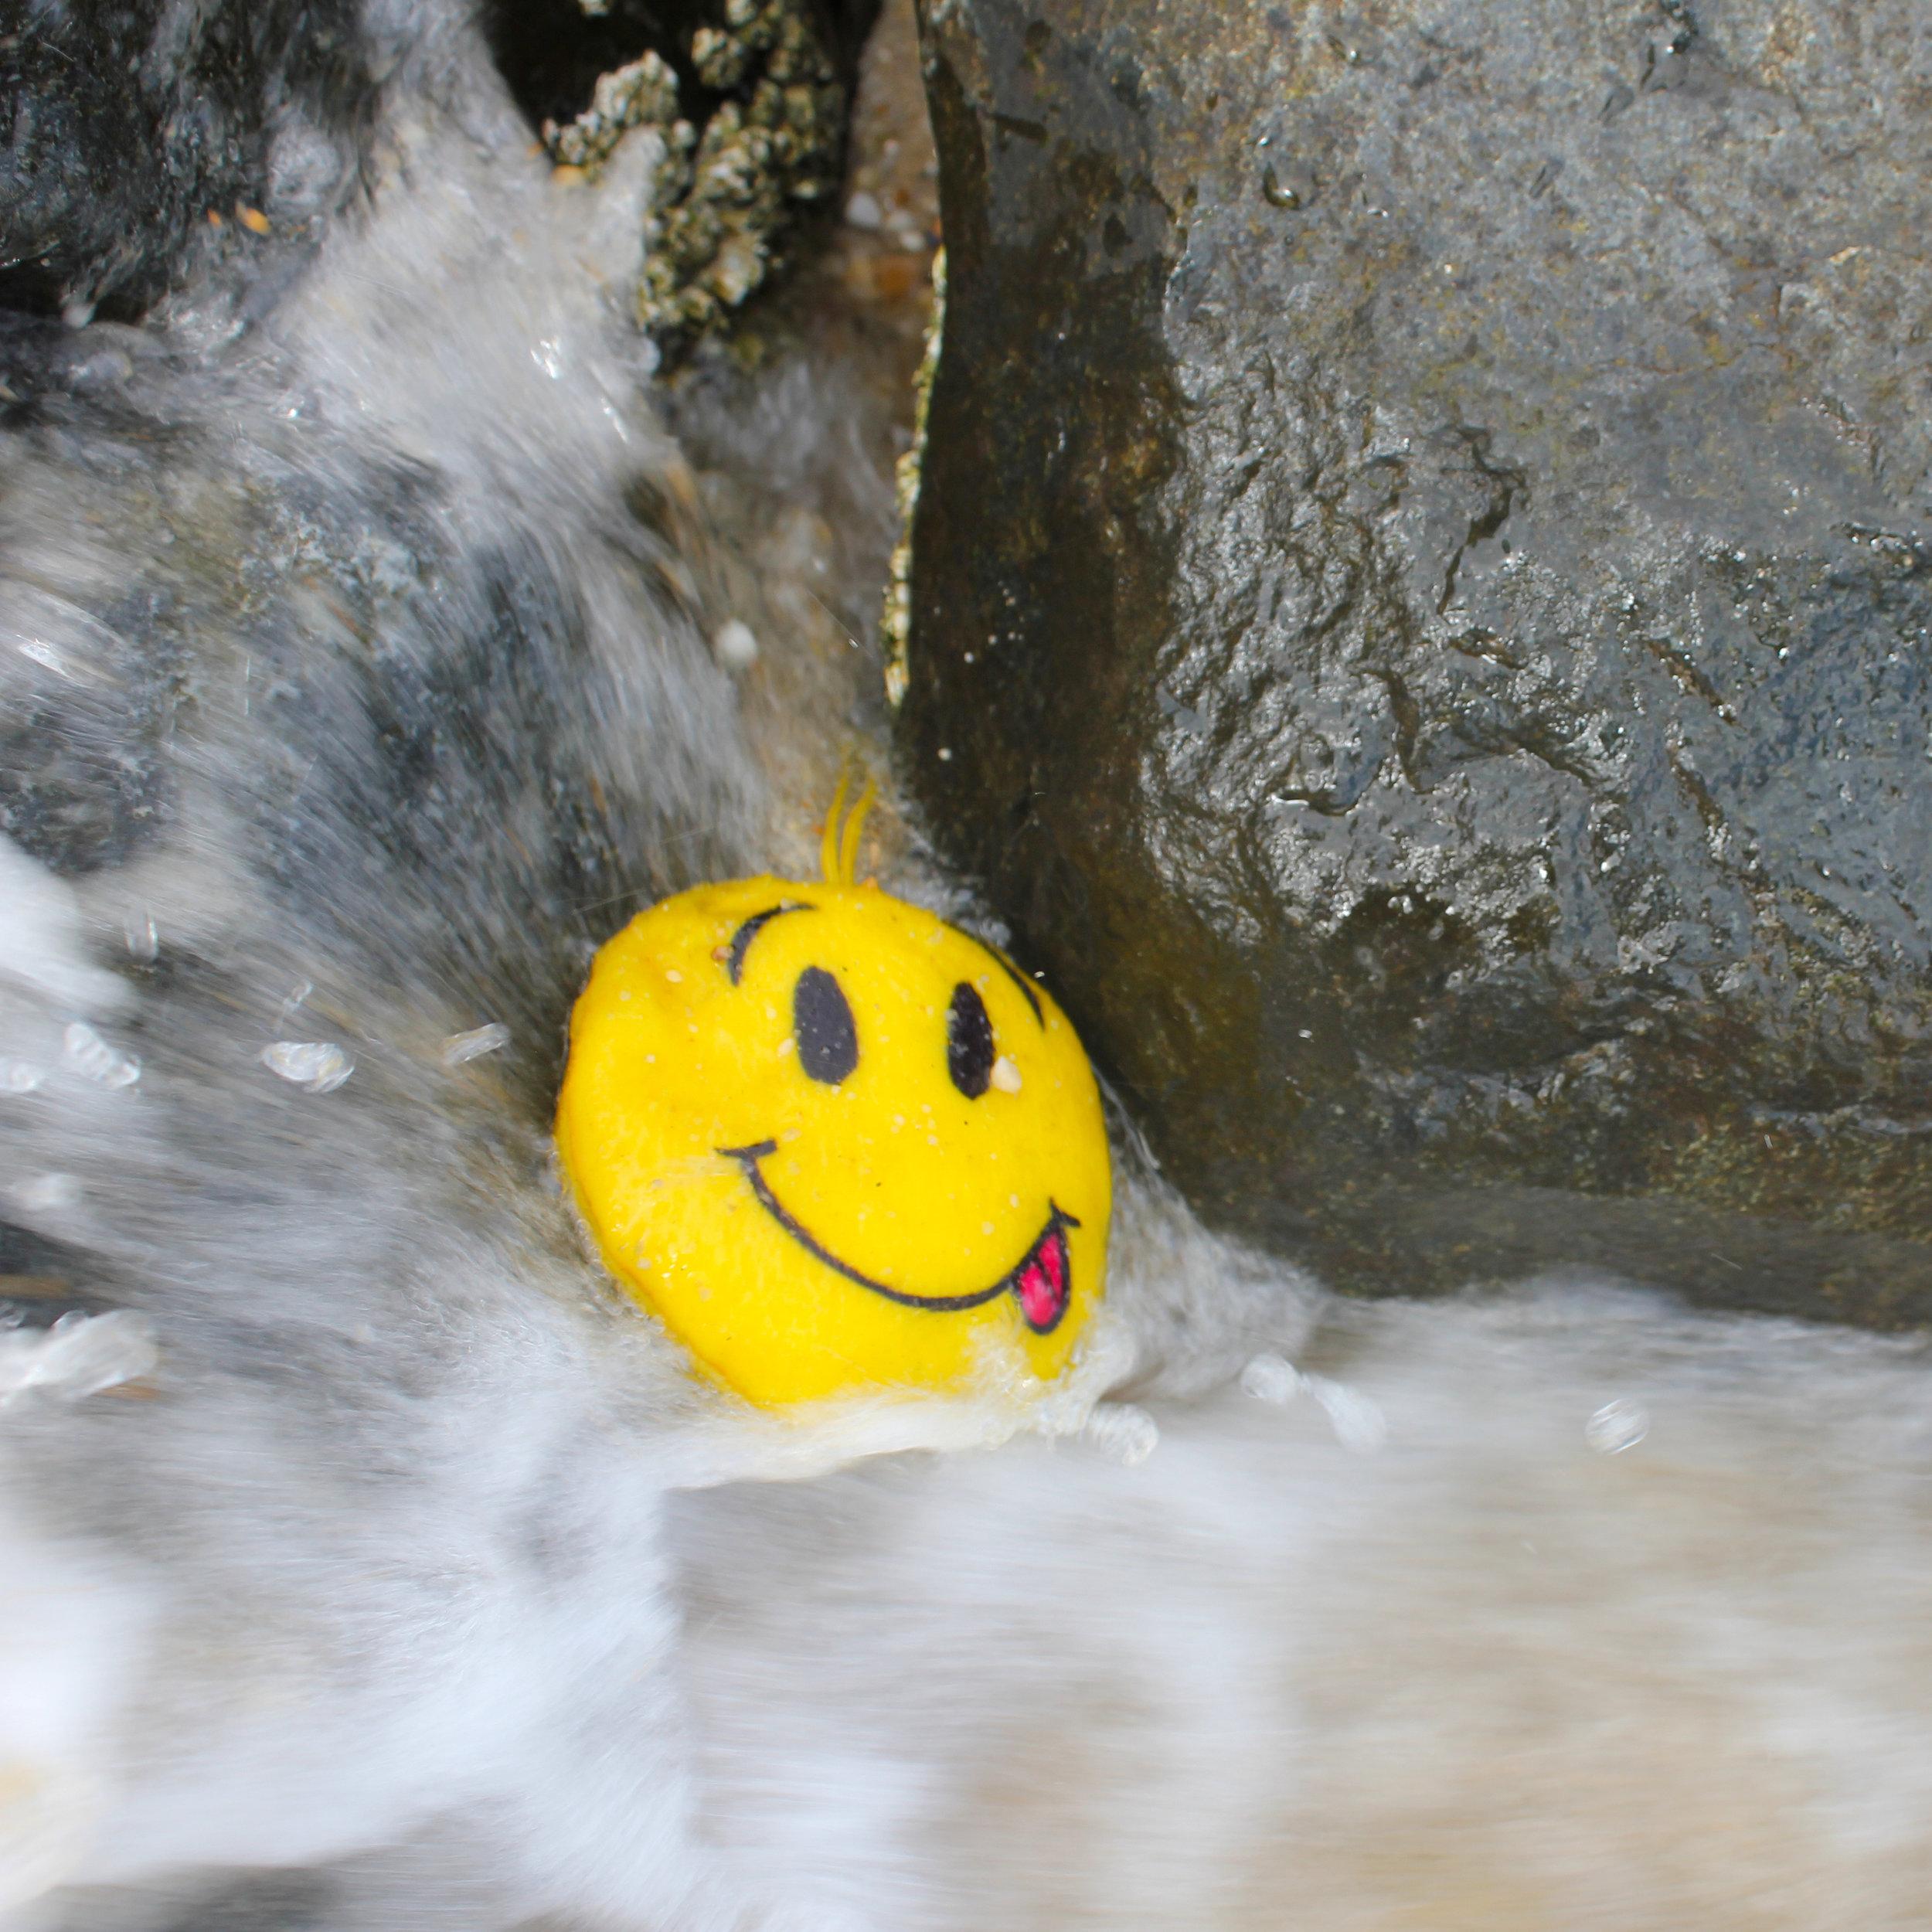 yellow emoji _2164 copy.jpg